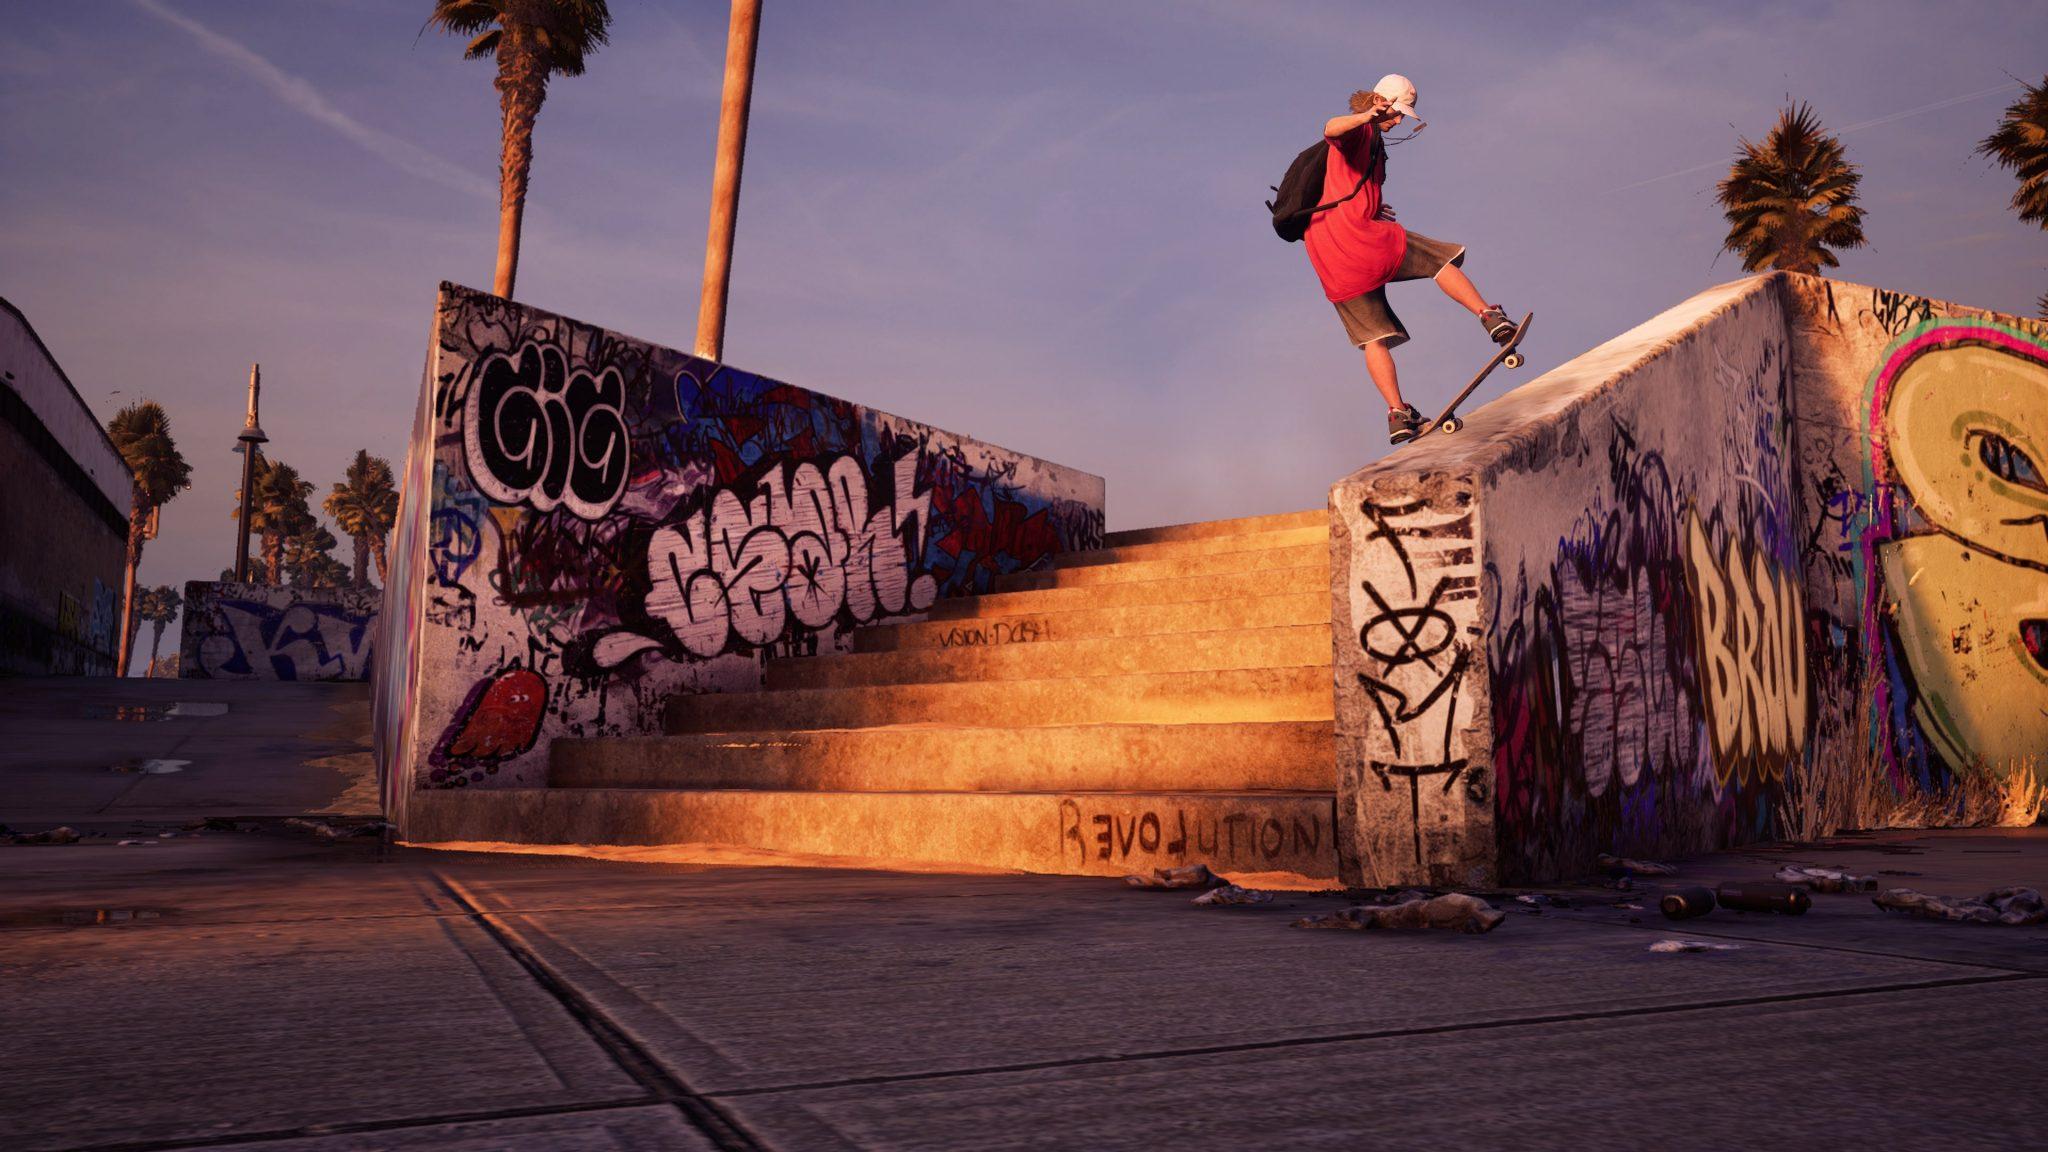 Tony Hawk Pro Skater 1 + 2 personnages et trailer